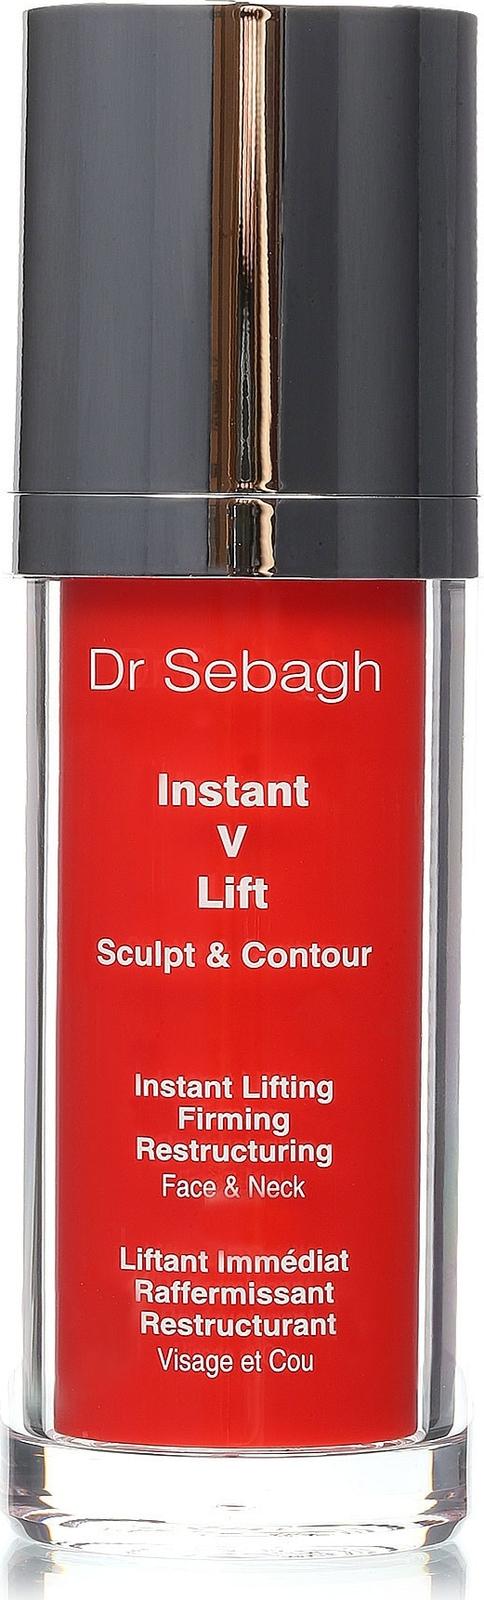 Сыворотка Dr Sebagh V-lift. Мгновенный лифтинг, для лица и шеи, 30 мл dr sebagh концентрированная сыворотка молодости с ресвератролом и трилагеном для лица 60 мл